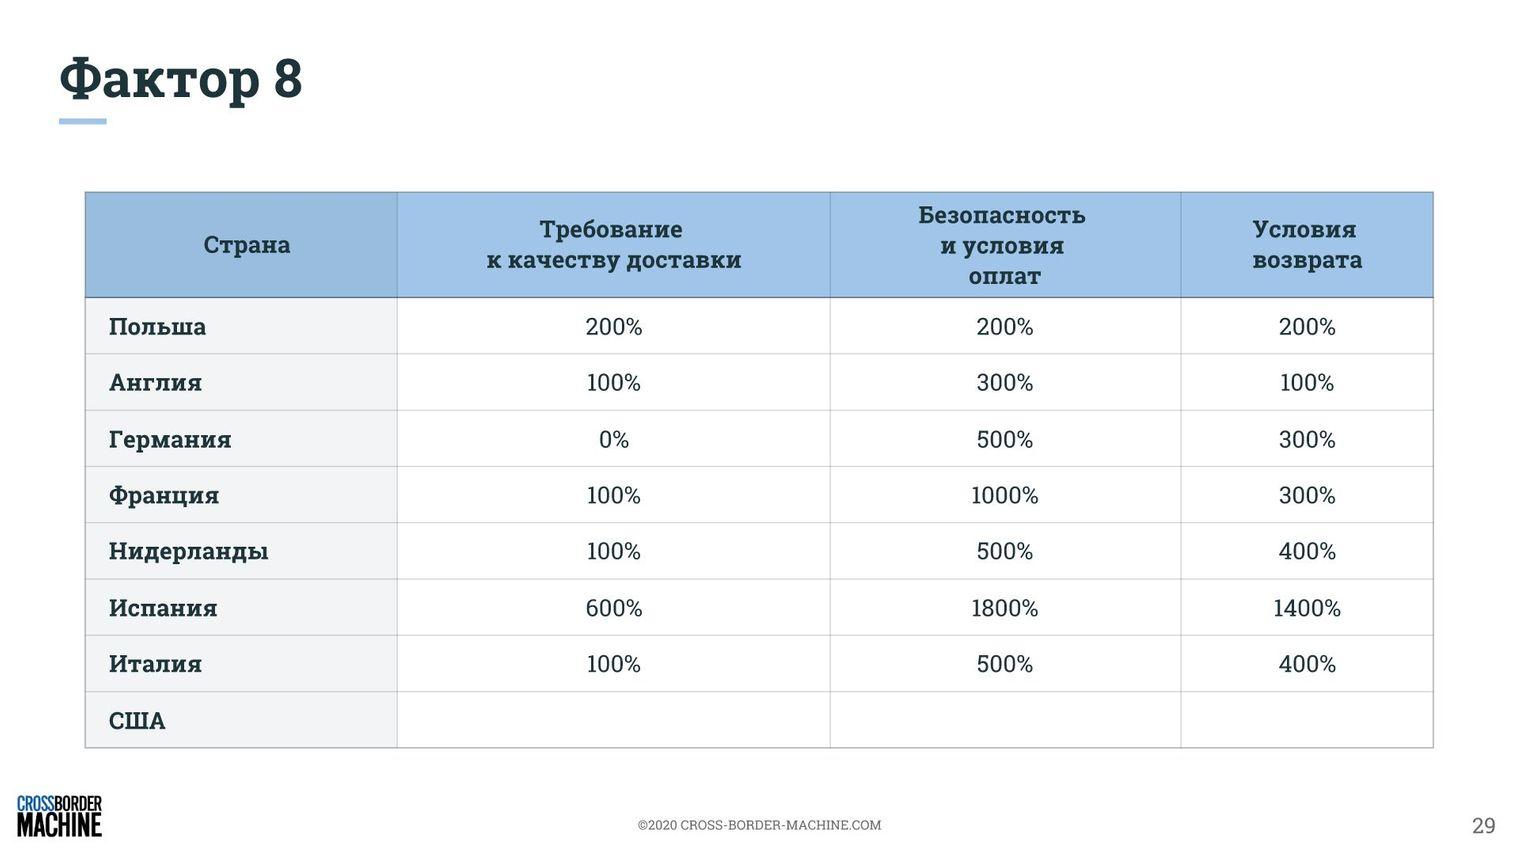 Построение стратегии продаж геймерских кресел на основе 9 факторов рентабельного экспорта. Аналитика и рекомендации 7